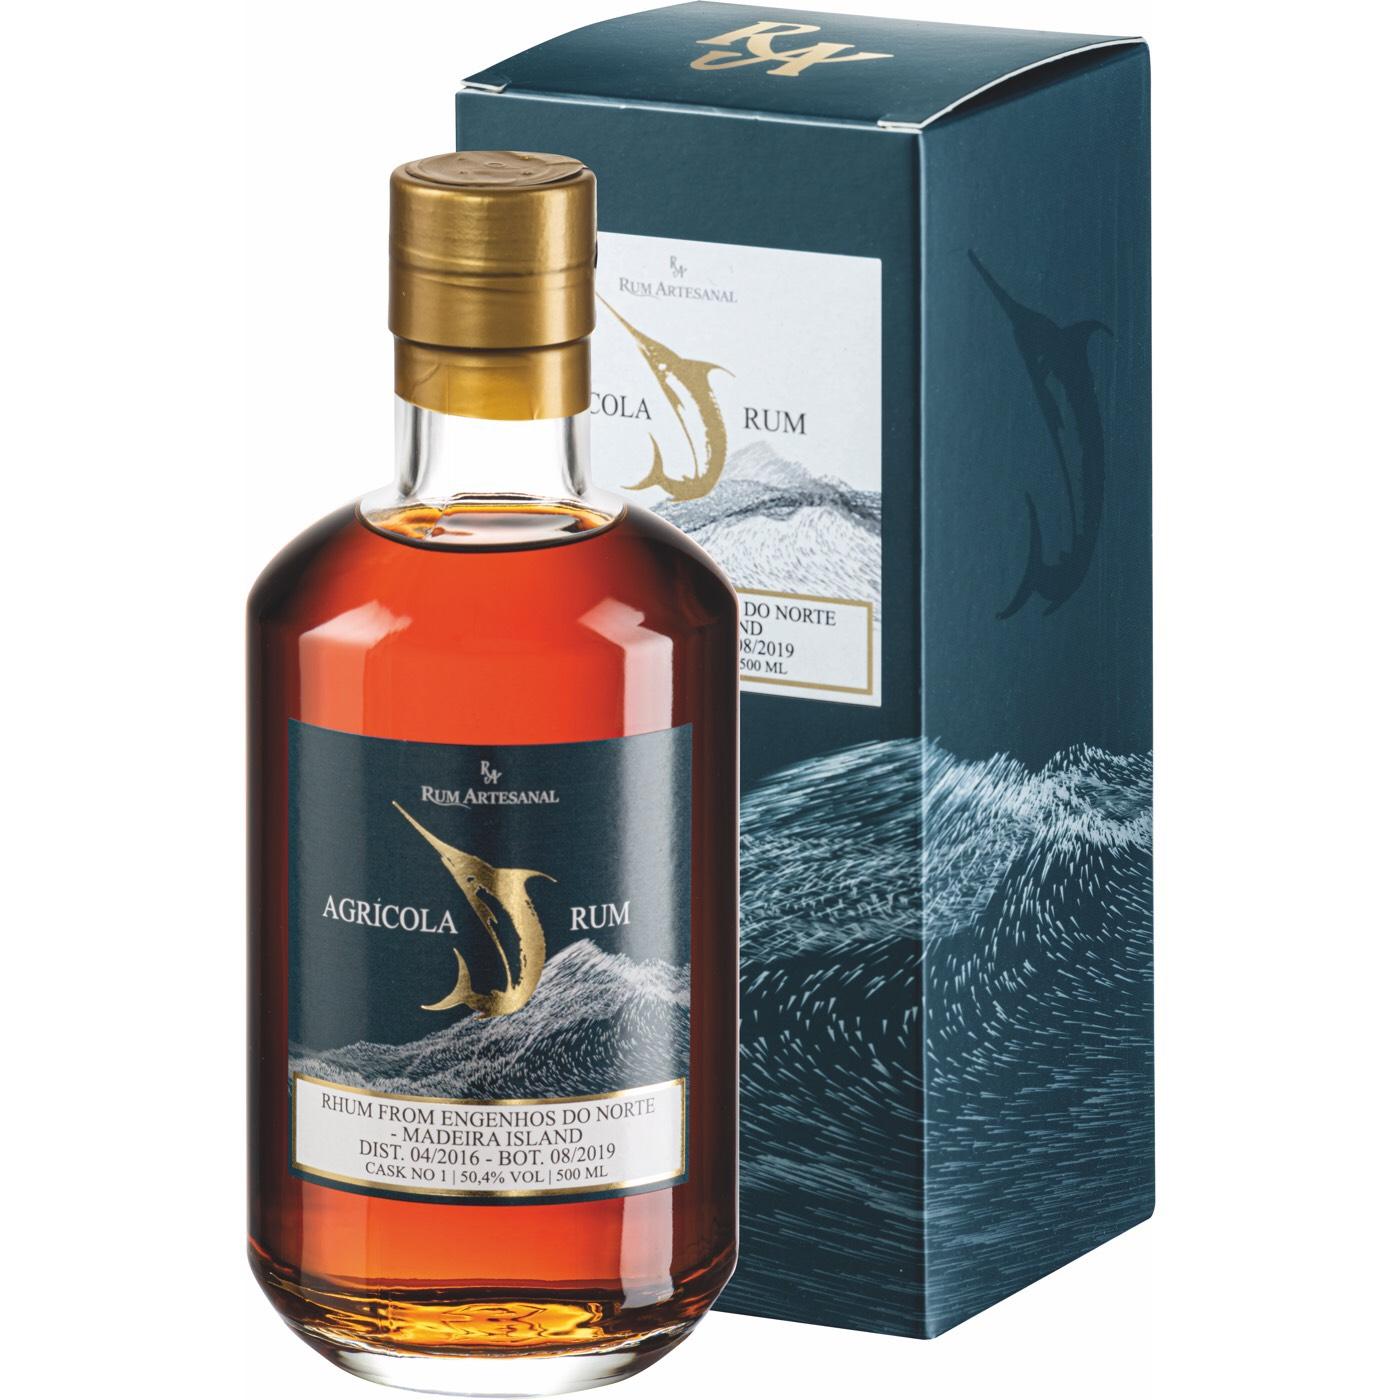 Bottle image of Rum Artesanal Agricola Madeira Island